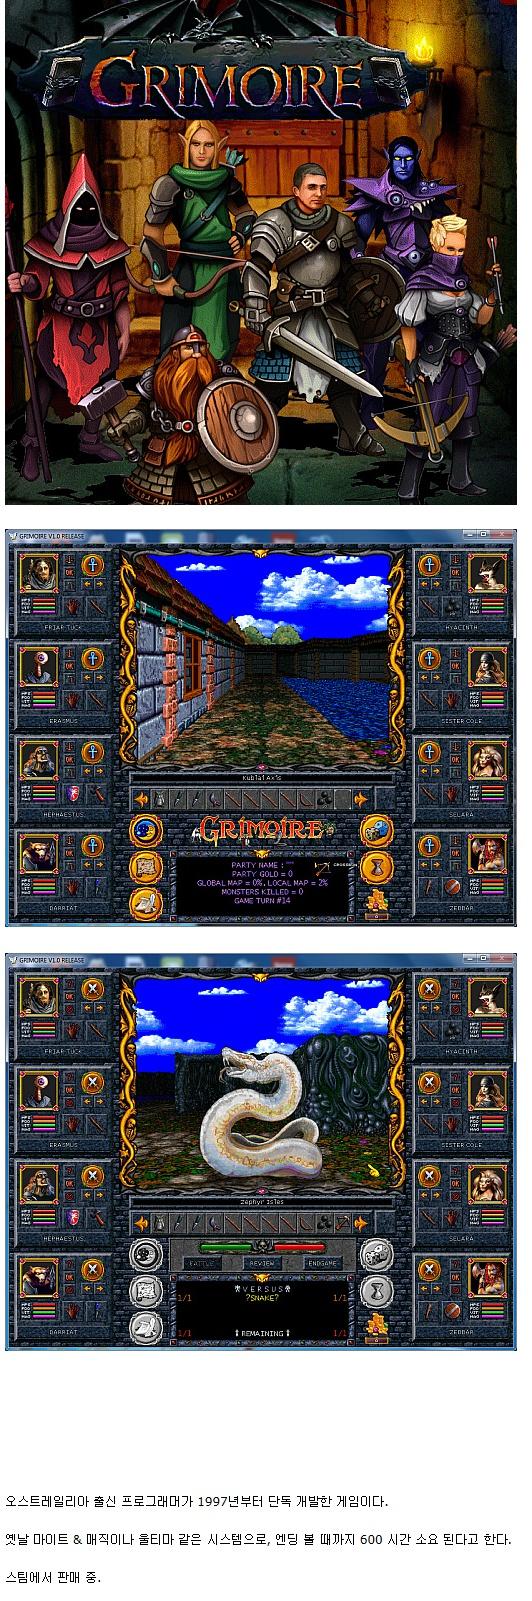 20년 걸린 게임.jpg